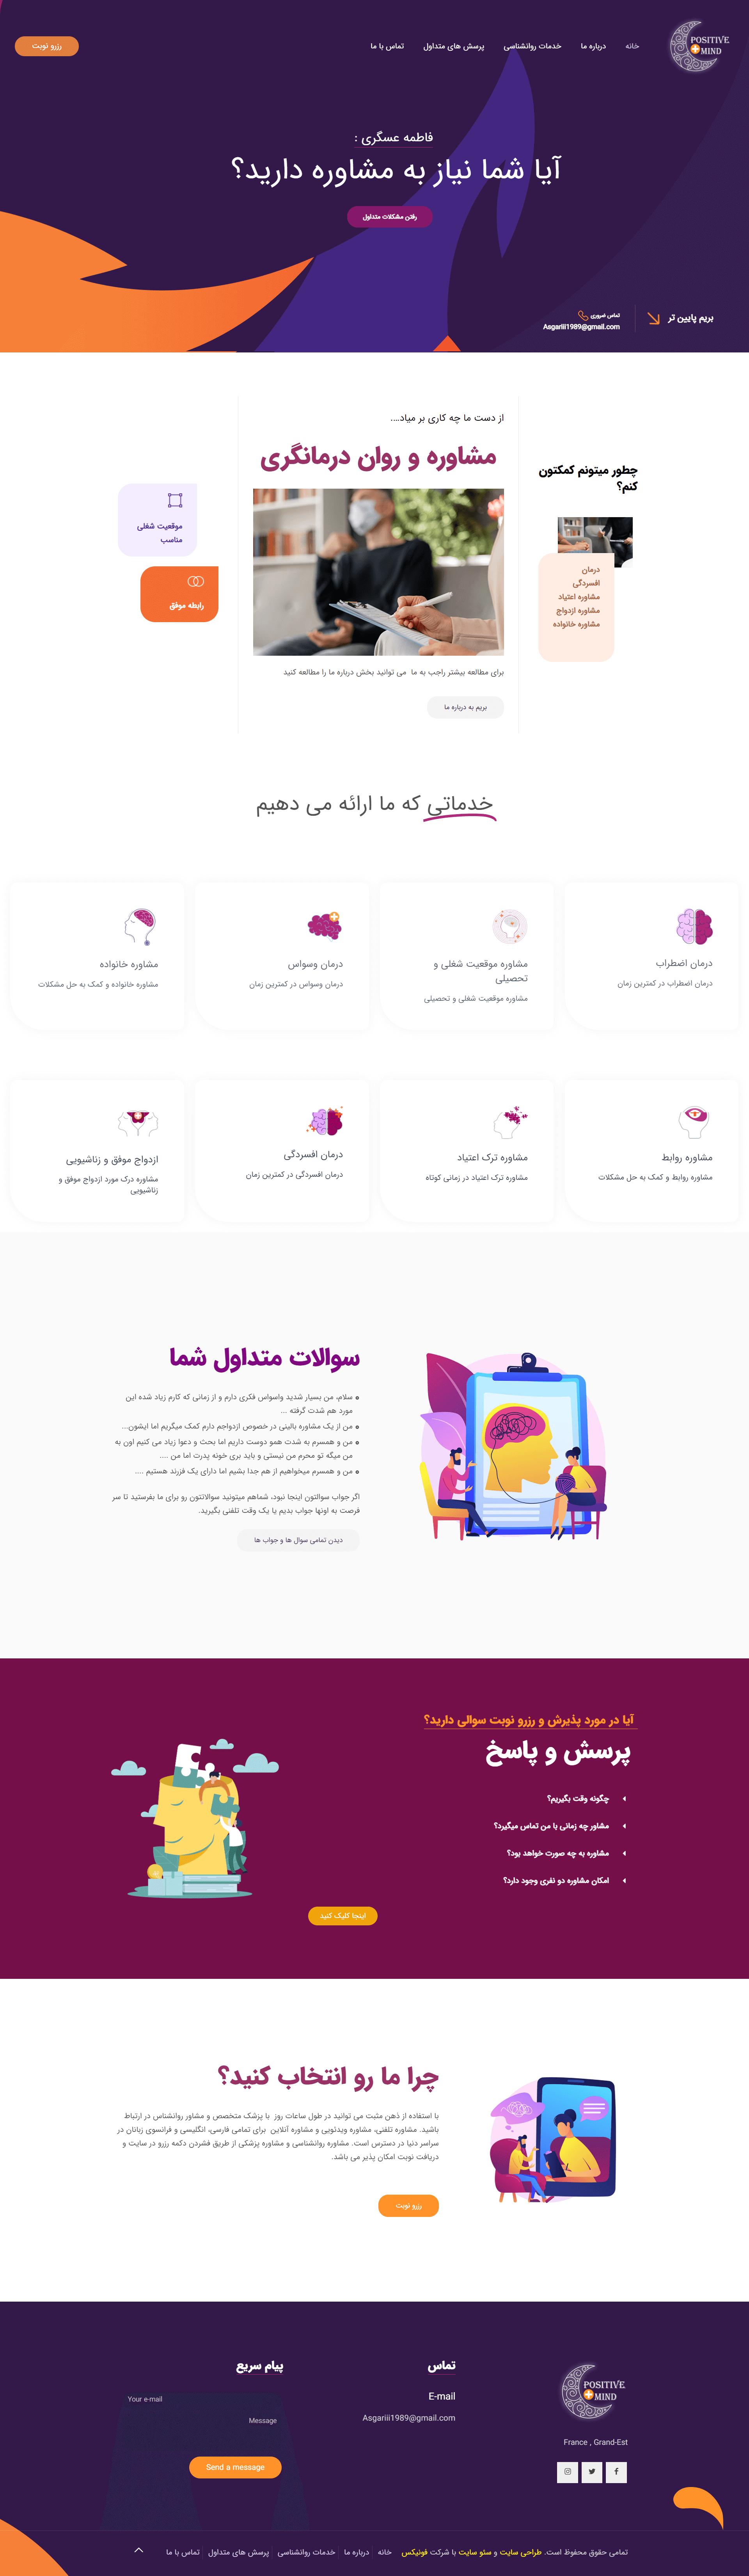 طراحی سایت پزشکی روانشناسی